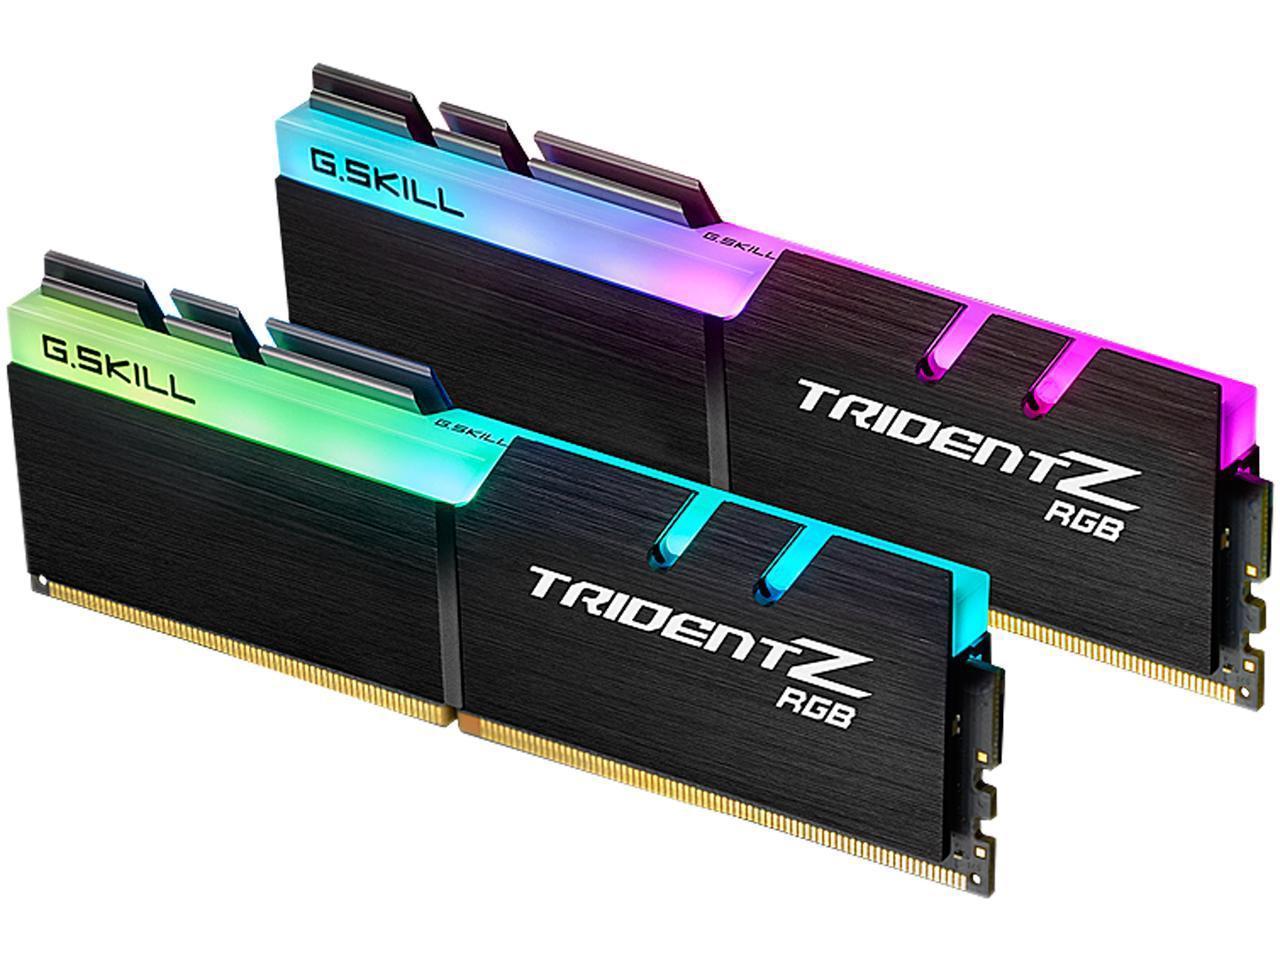 G.SKILL Trident Z RGB (For AMD) 16GB (2 x 8GB) 288-Pin DDR4 SDRAM DDR4 3600 (PC4 28800) Desktop Memory Model F4-3600C18D-16GTZRX $144.99